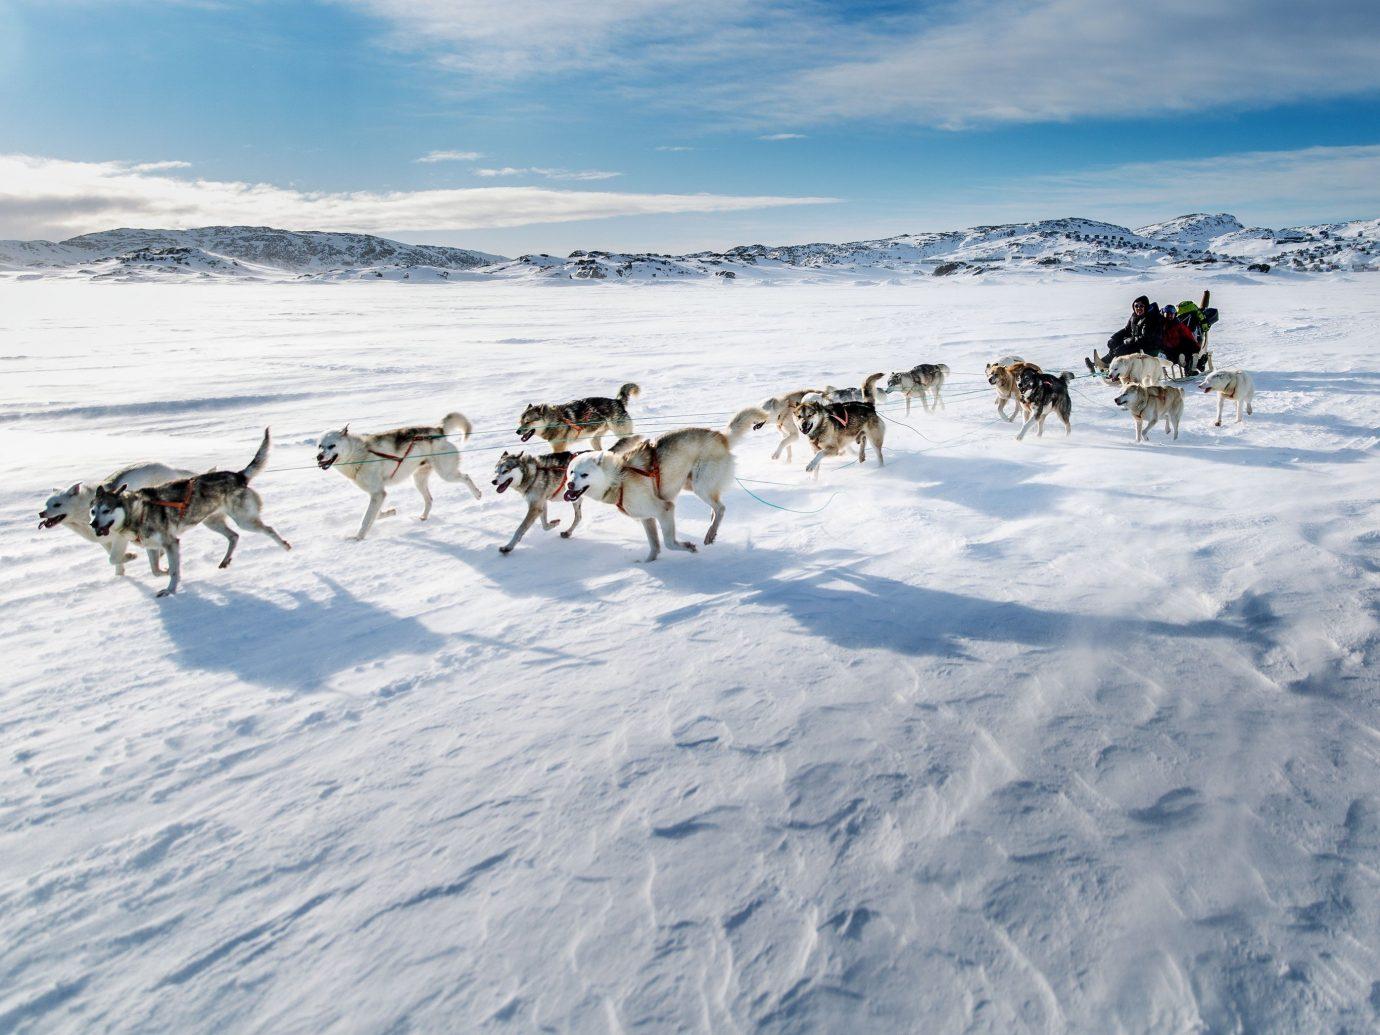 Trip Ideas sky outdoor snow mushing transport dog sled vehicle Winter Dog weather sled season arctic sled dog racing group dog like mammal sled dog